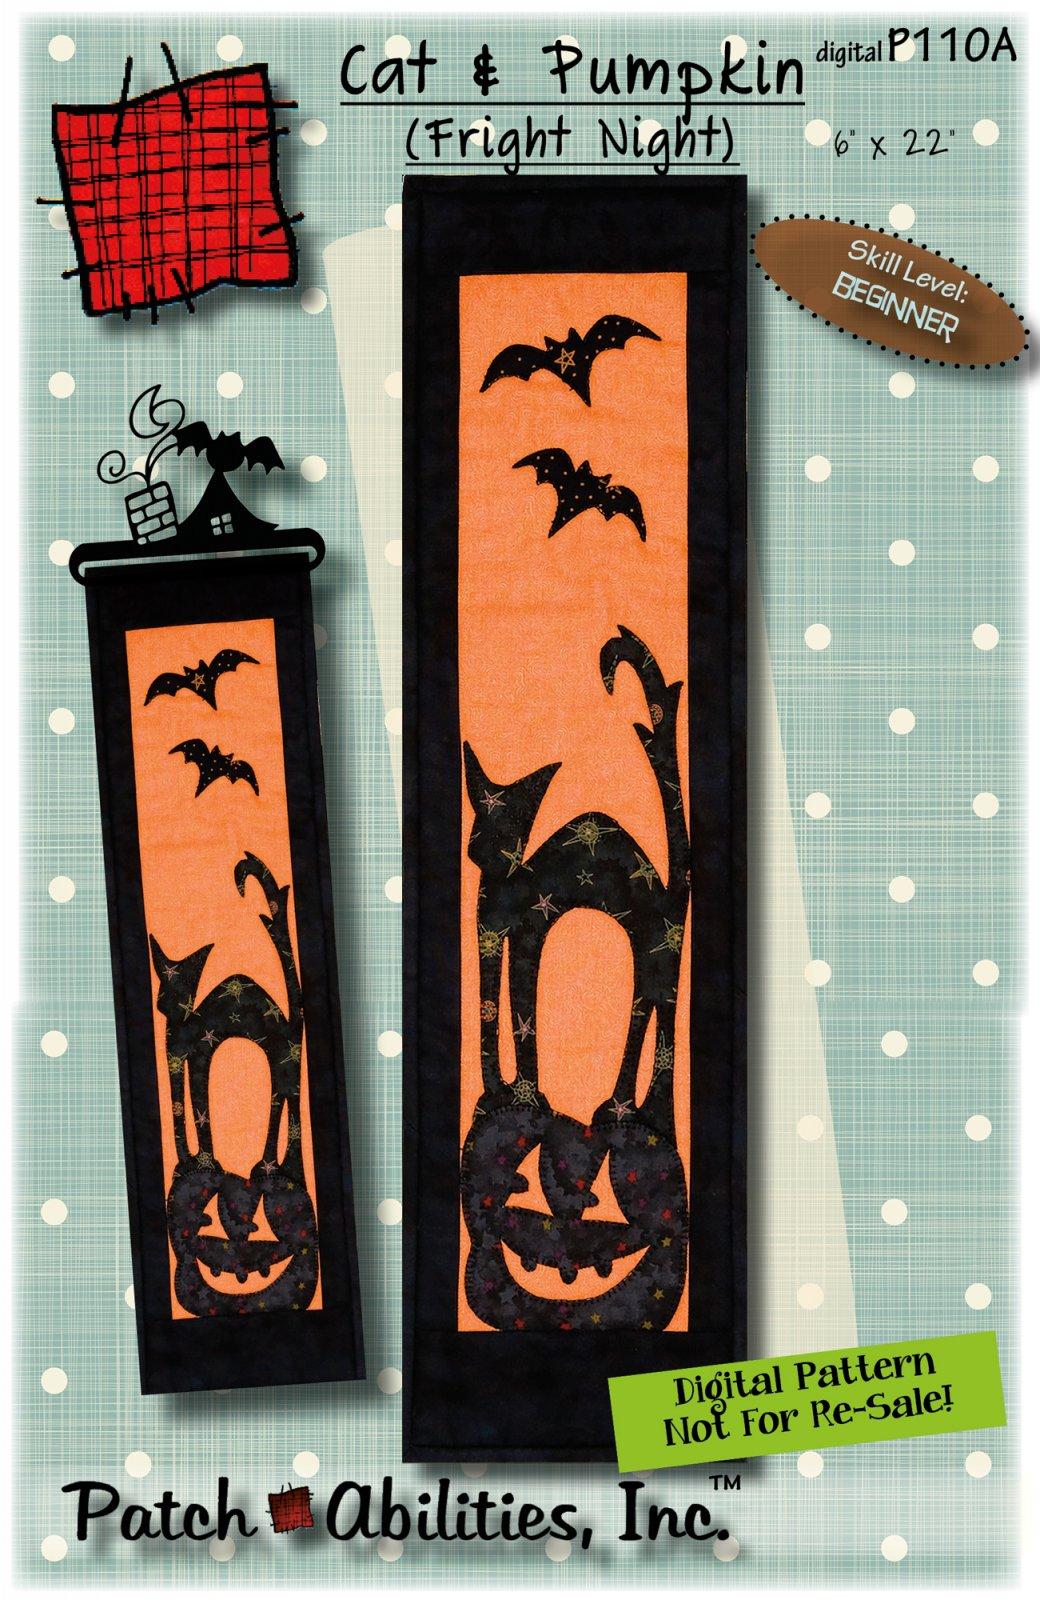 P110A Cat & Pumpkin (Fright Night) DIGITAL DOWNLOAD PATTERN